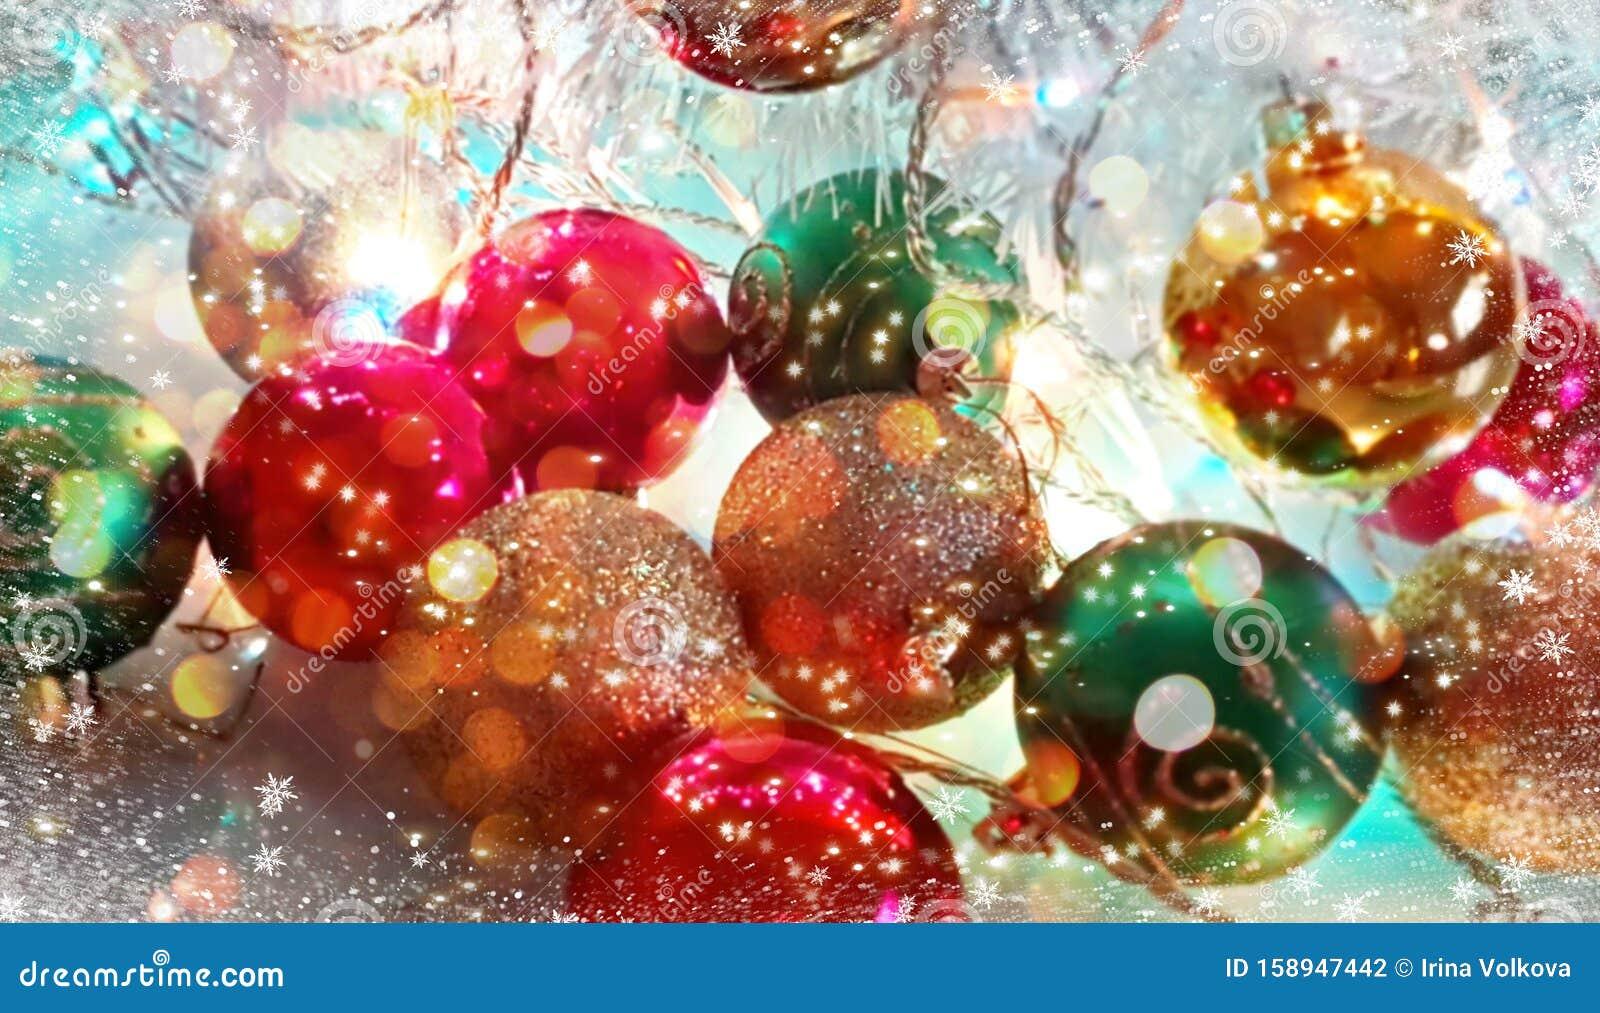 Обои рождество, украшение, шар, шарик. Праздники foto 18